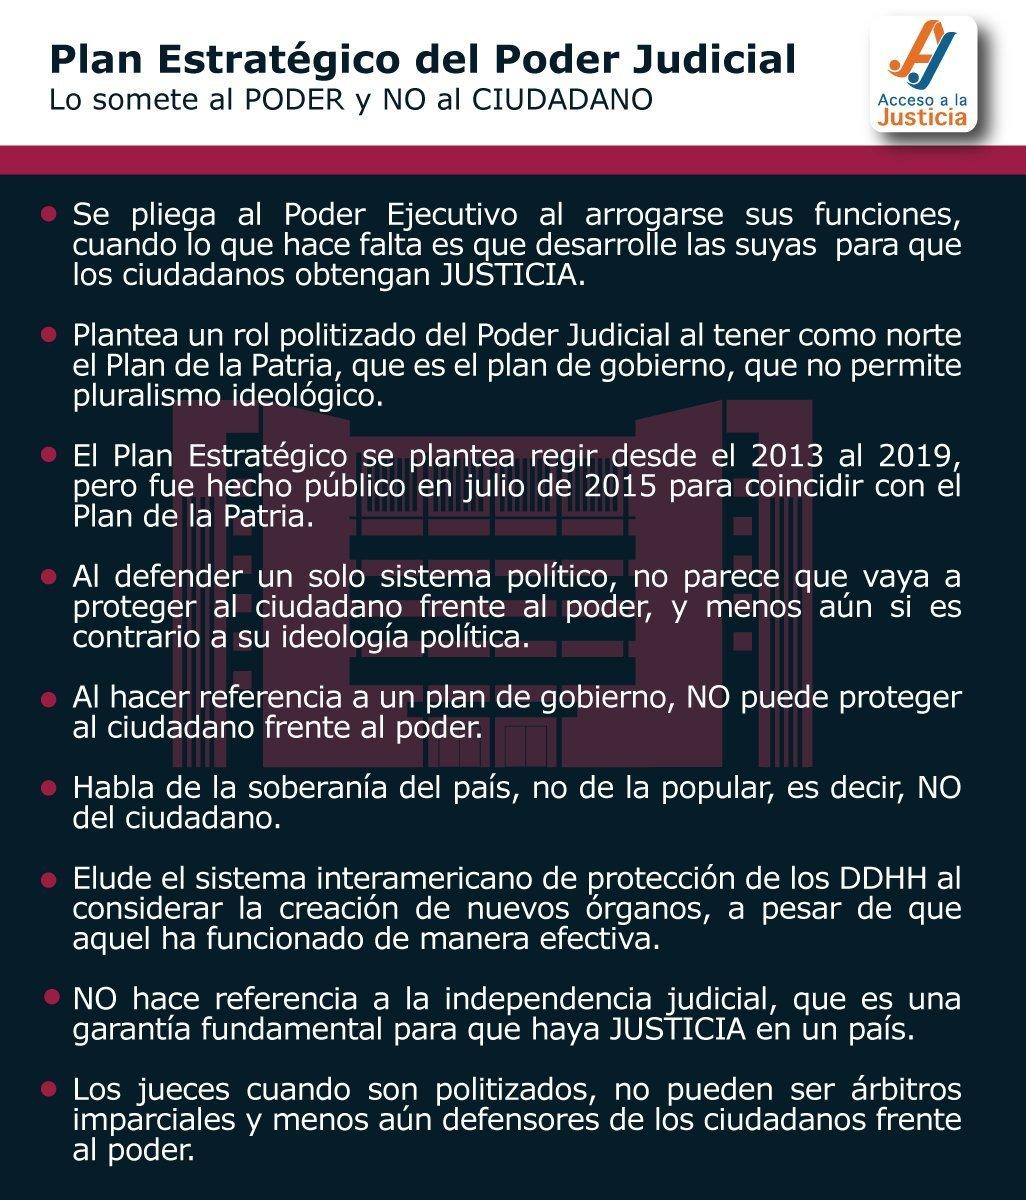 Plan del Poder Judicial vs. ciudadano/sumisión al Poder Ejecutivo